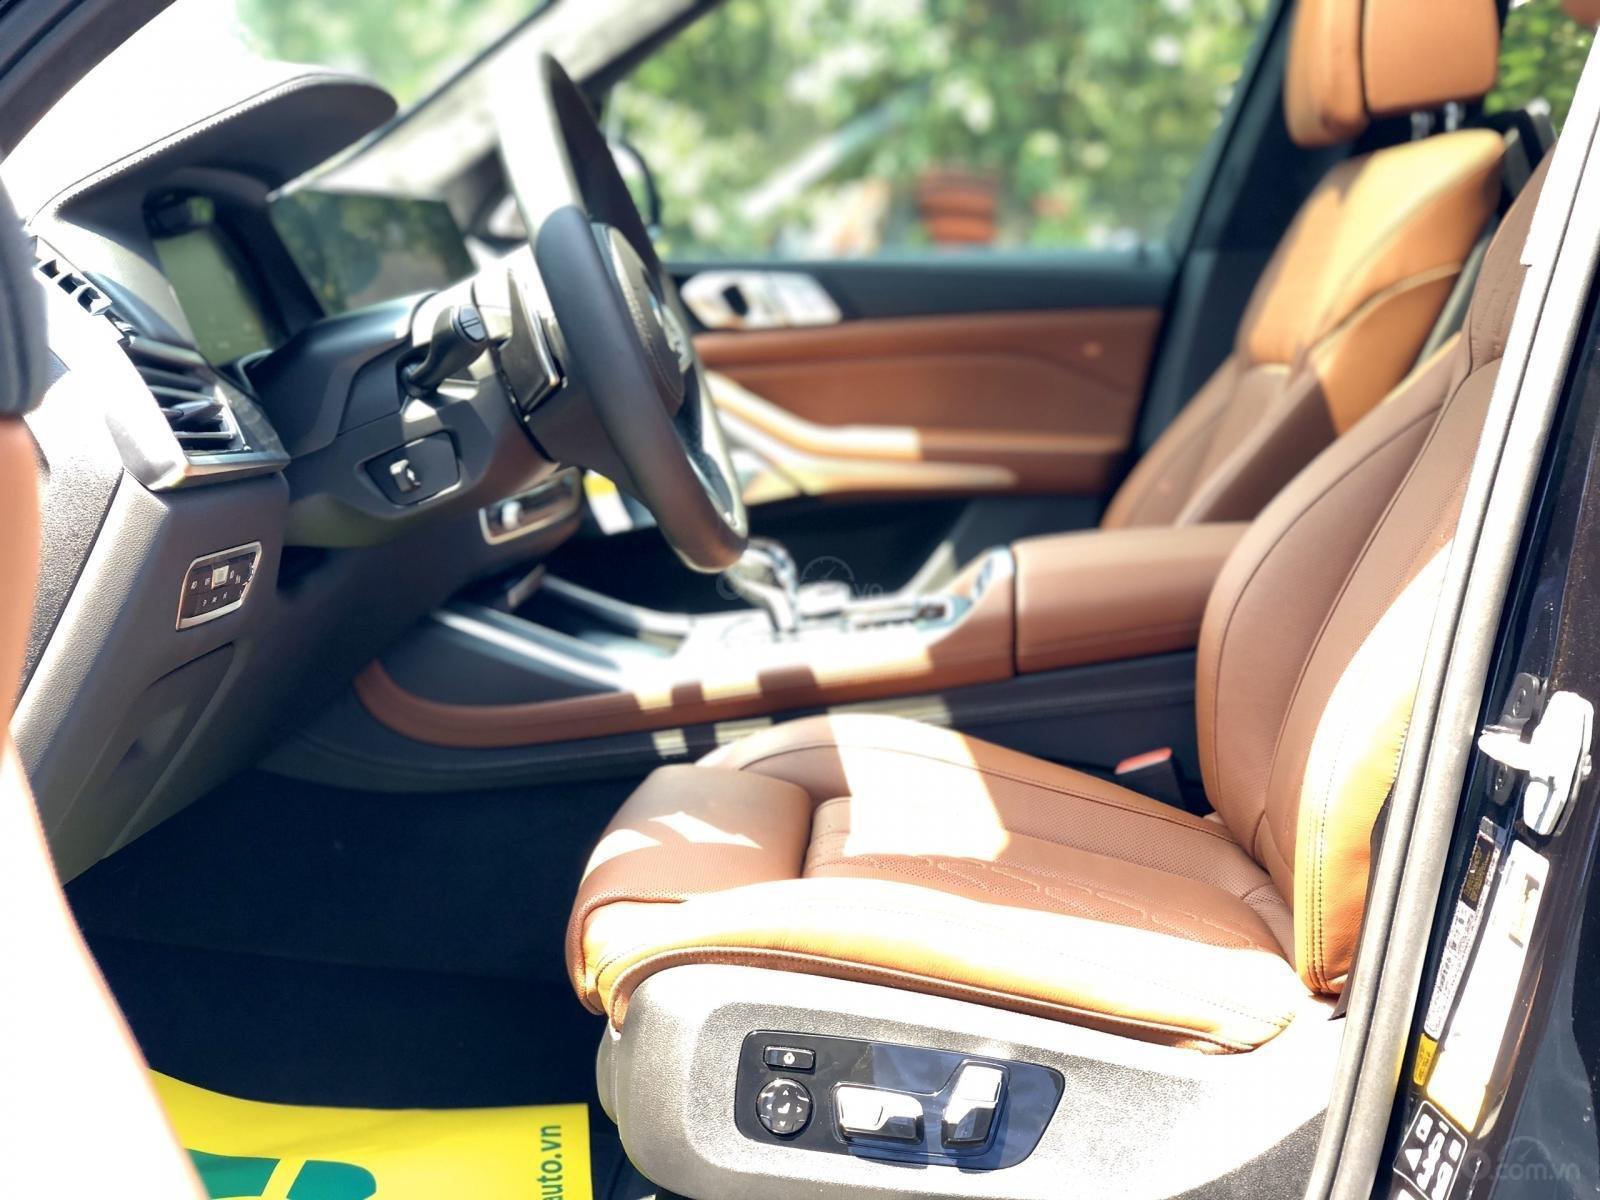 Bán BMW X7 xDrive40i sản xuất 2019, nhập khẩu Mỹ, bản full option 6 ghế, LH em Huân 0981.0101.61 (17)